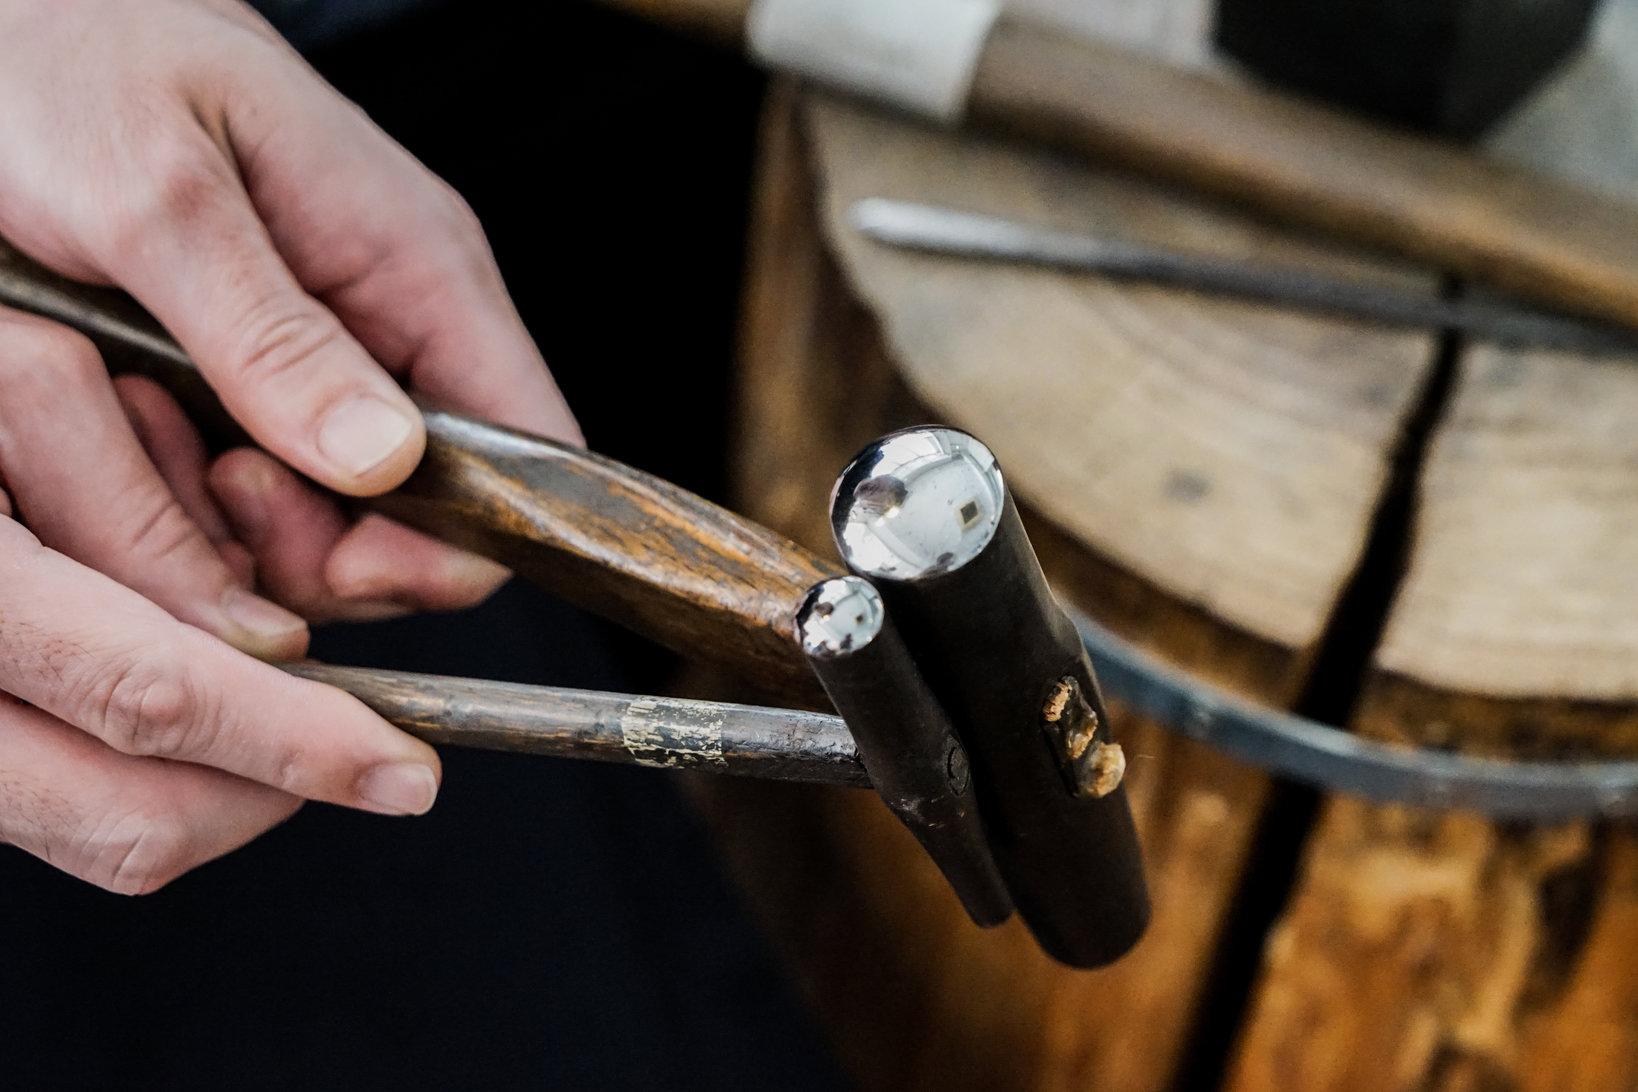 ジュエリー製作で使う金鎚は手に持ったときのバランスが重要。そのため、金鎚部分の重さに対してちょうど良い柄の長さ・太さ・形など、使いやすいように自分で作って組み立てる。